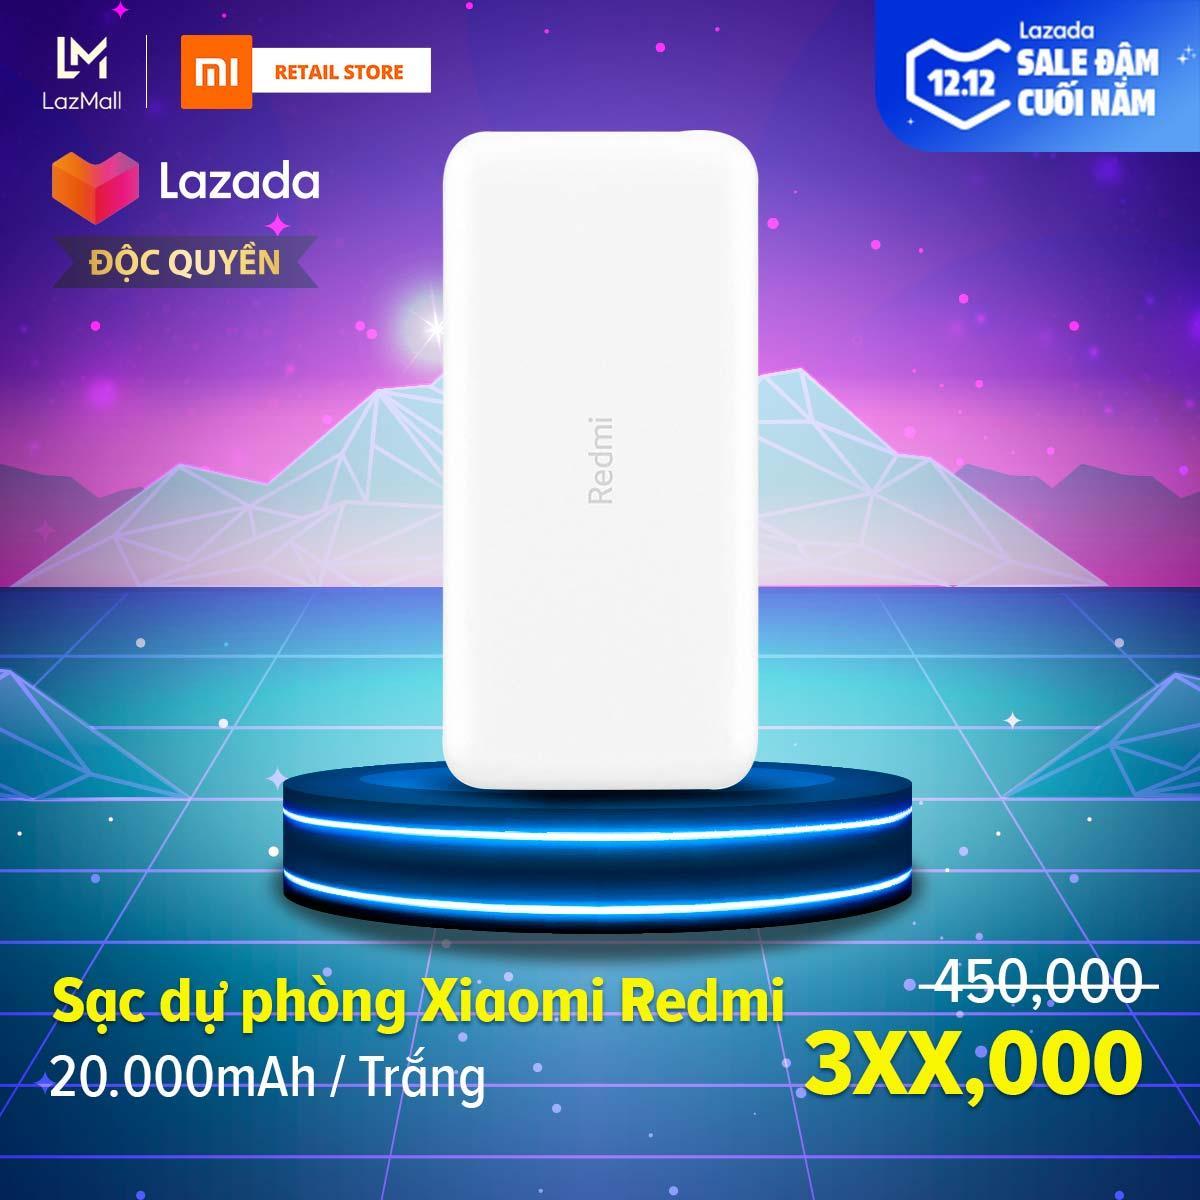 Offer Ưu Đãi [HÀNG CHÍNH HÃNG - ĐỘC QUYỀN LAZADA] Sạc Dự Phòng Xiaomi Redmi 20.000mAh - Sạc Nhanh Max 18W - Input: Micro USB & Type-C / Output: USB-A X2